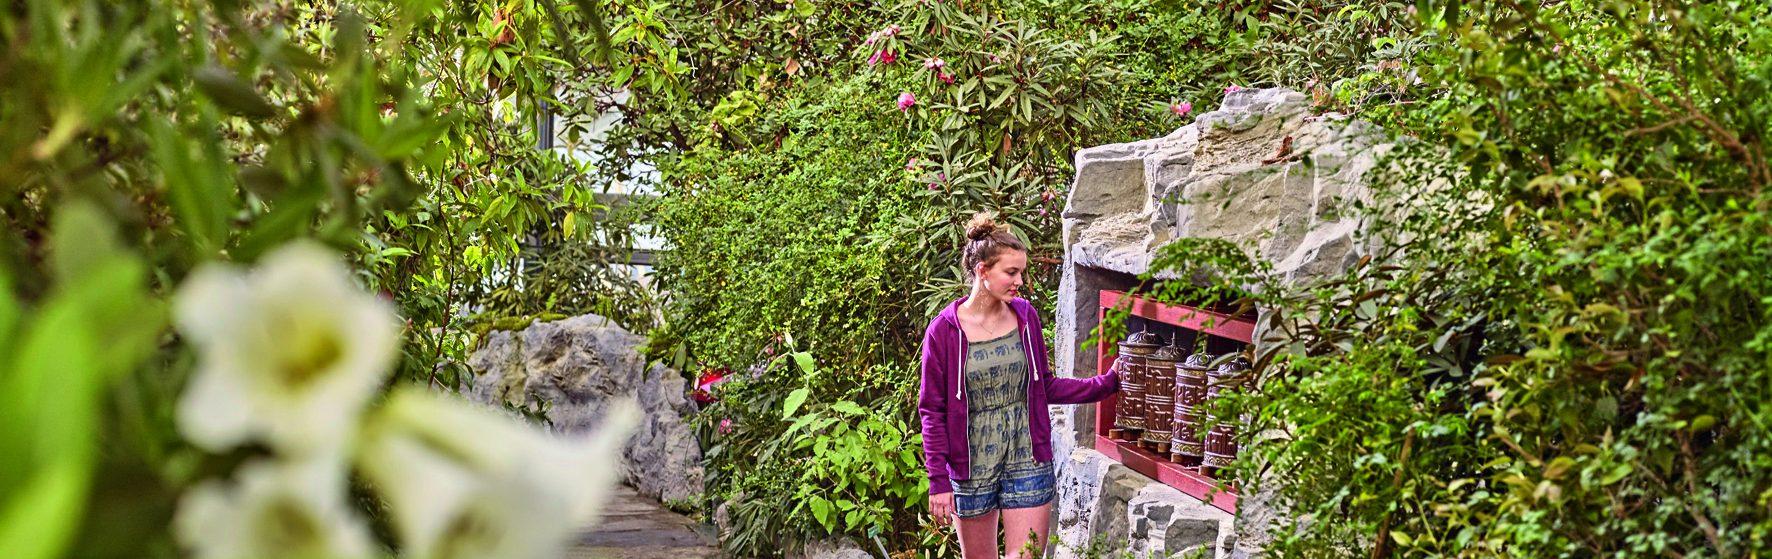 """Eine Frau läuft durch die """"botanika"""". Das Bild ist überwiegend mit grünen Pflanzen gefüllt."""